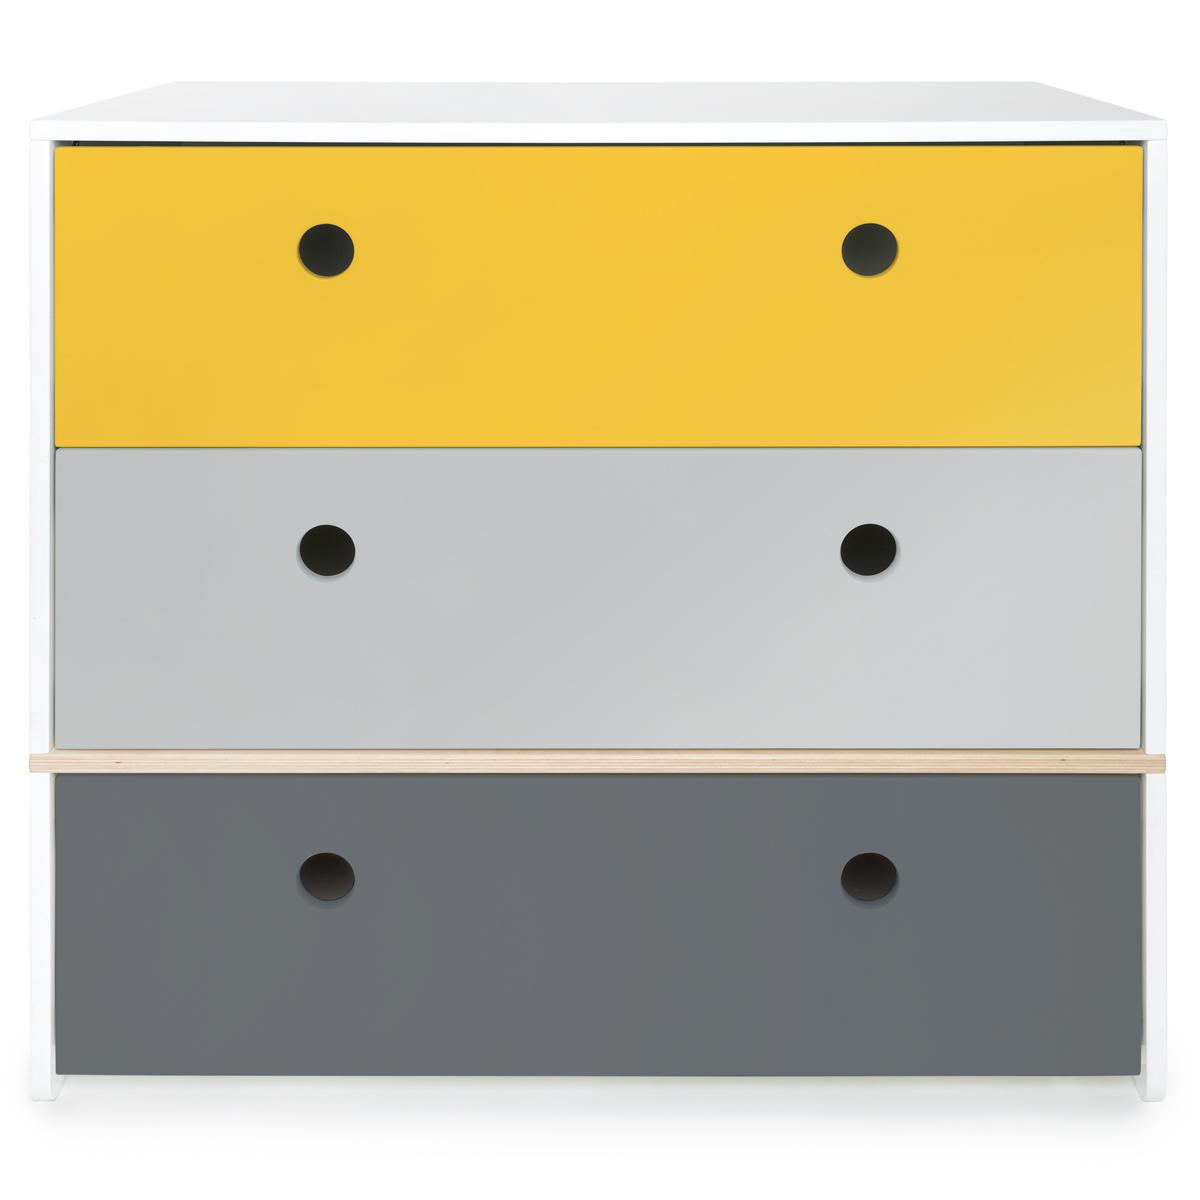 Cómoda COLORFLEX cajones frontales nectar yellow-pearl grey-space grey